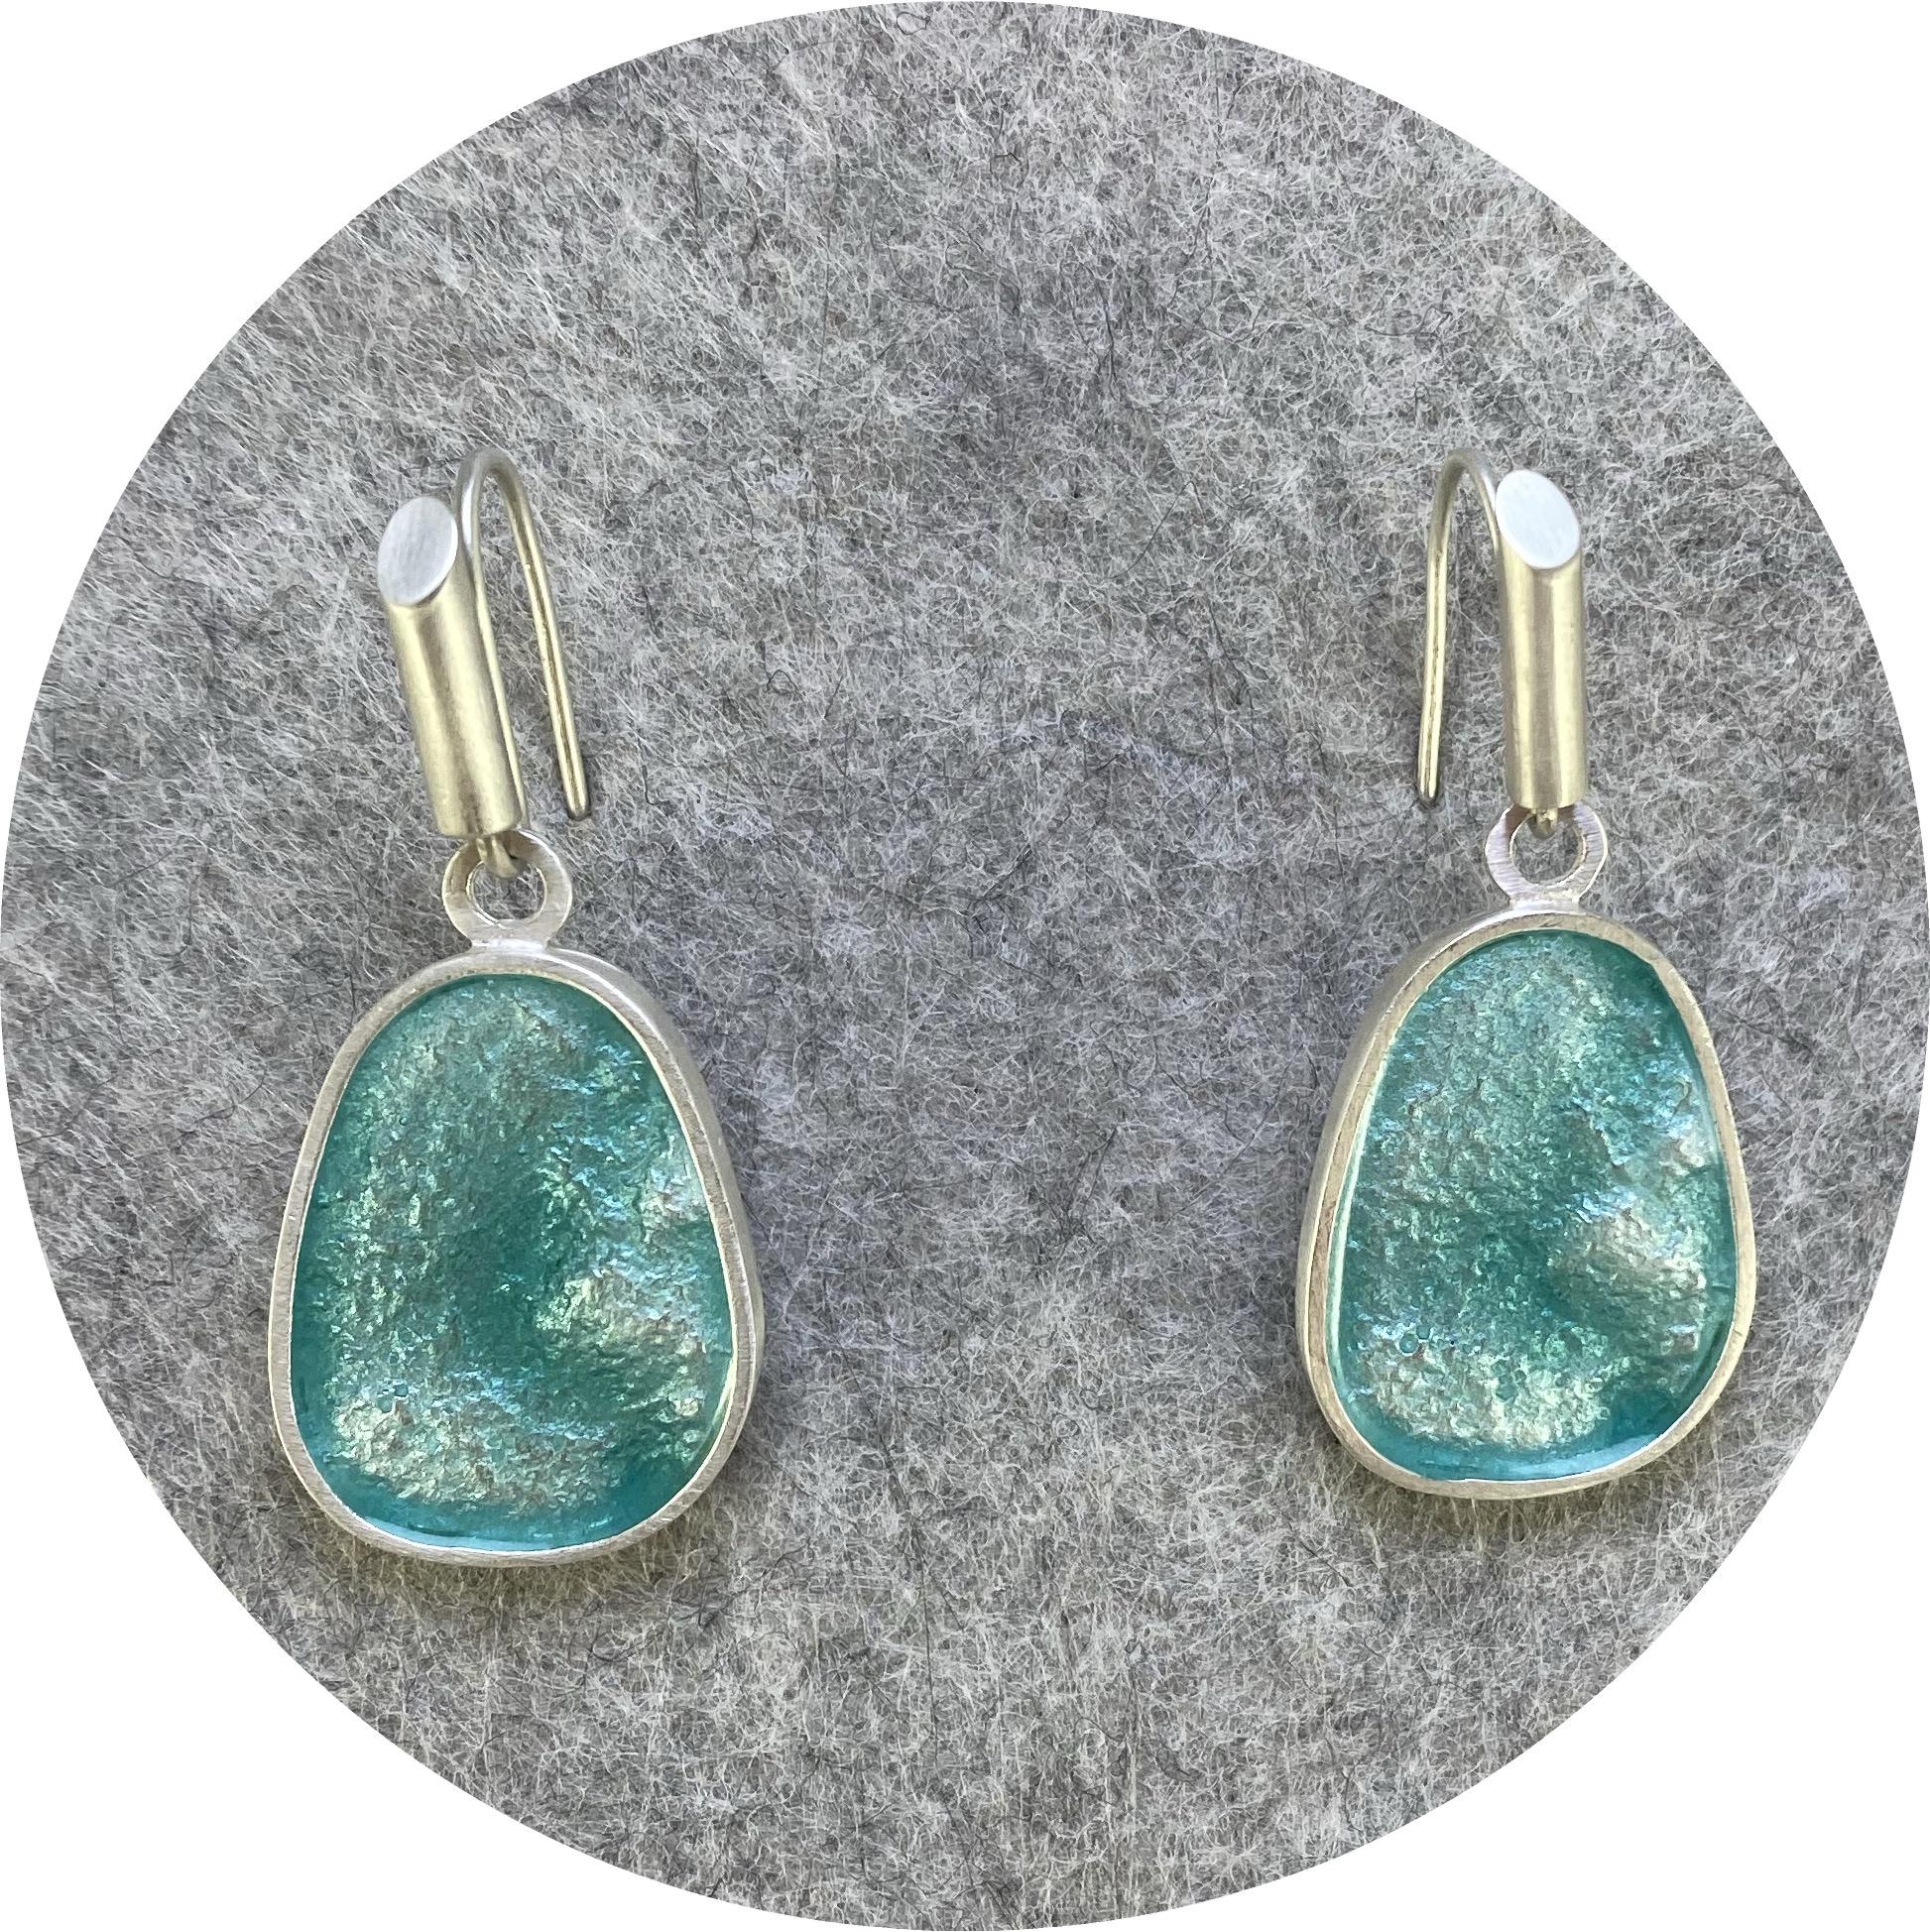 Robyn Clarke- Medium retic earring drops on long hoops in seafoam  green.